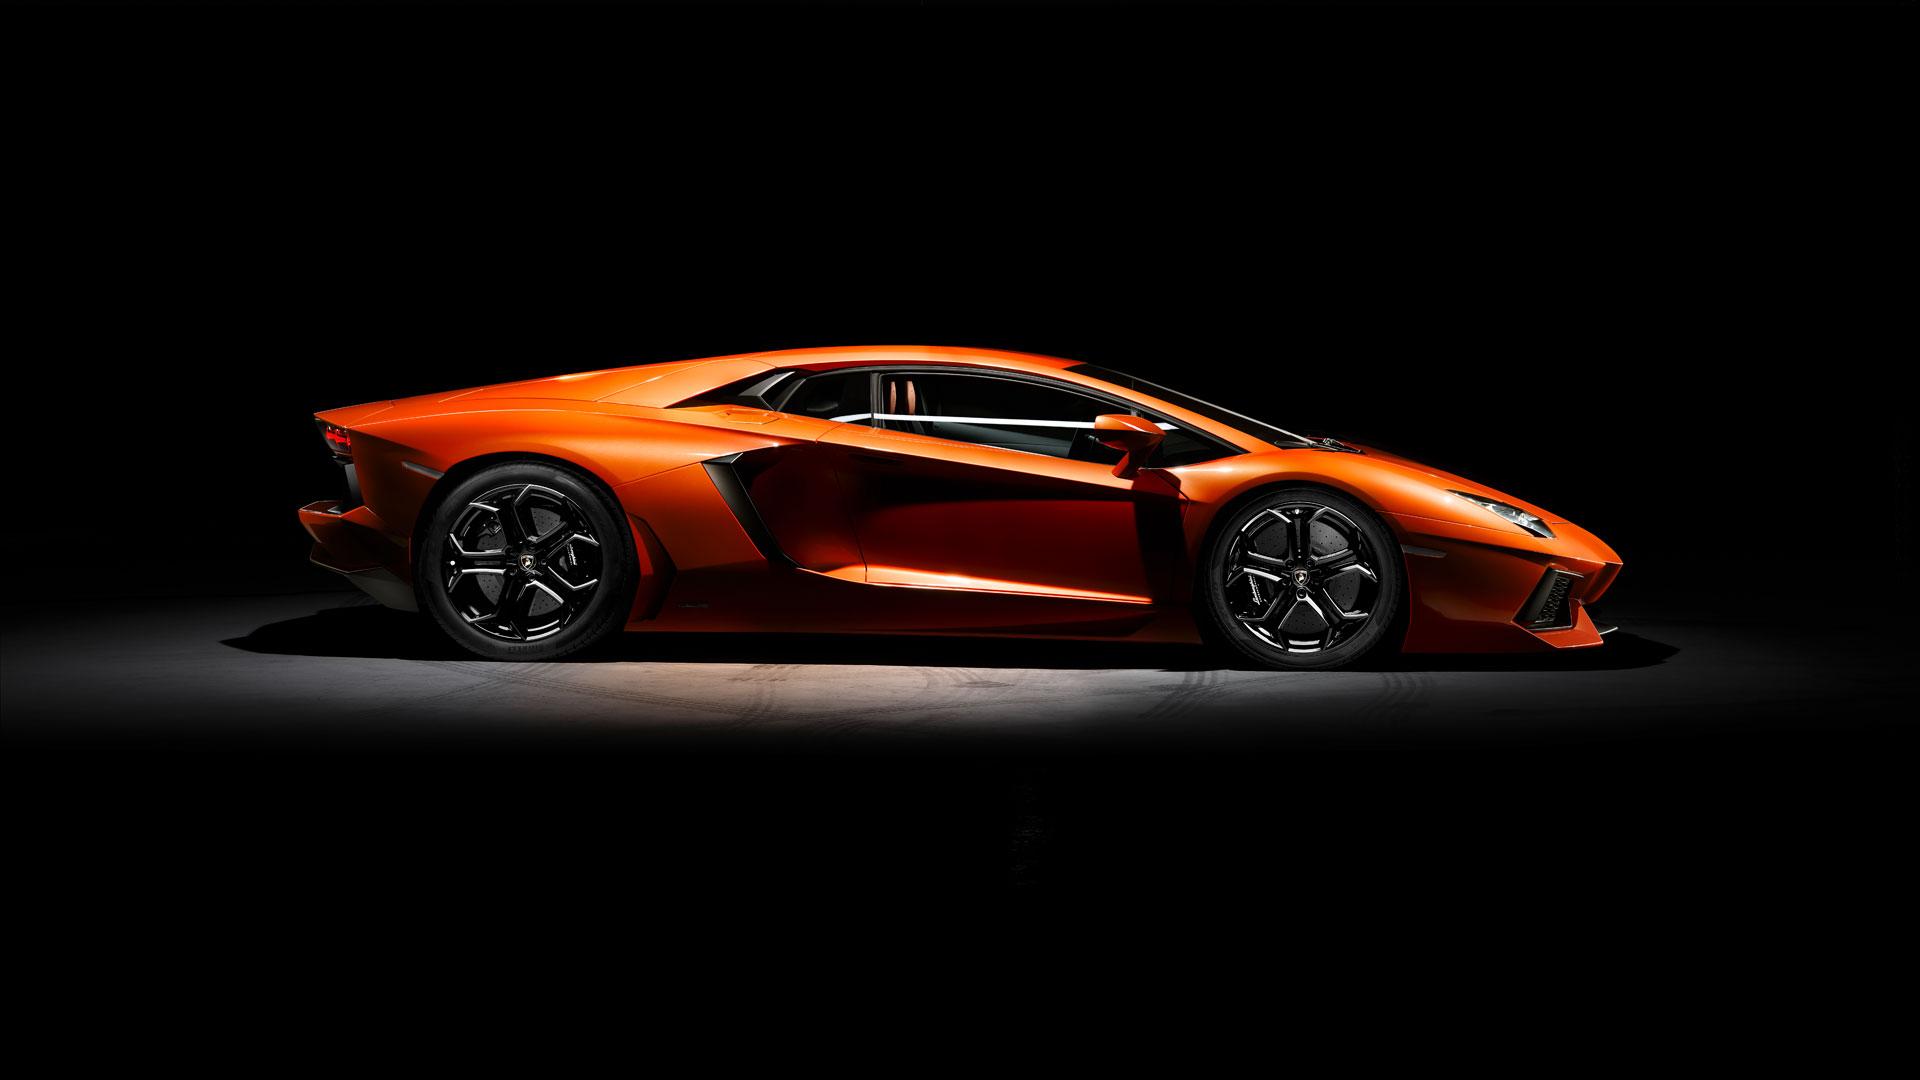 Lamborghini Aventador © Automobili Lamborghini S.p.A.